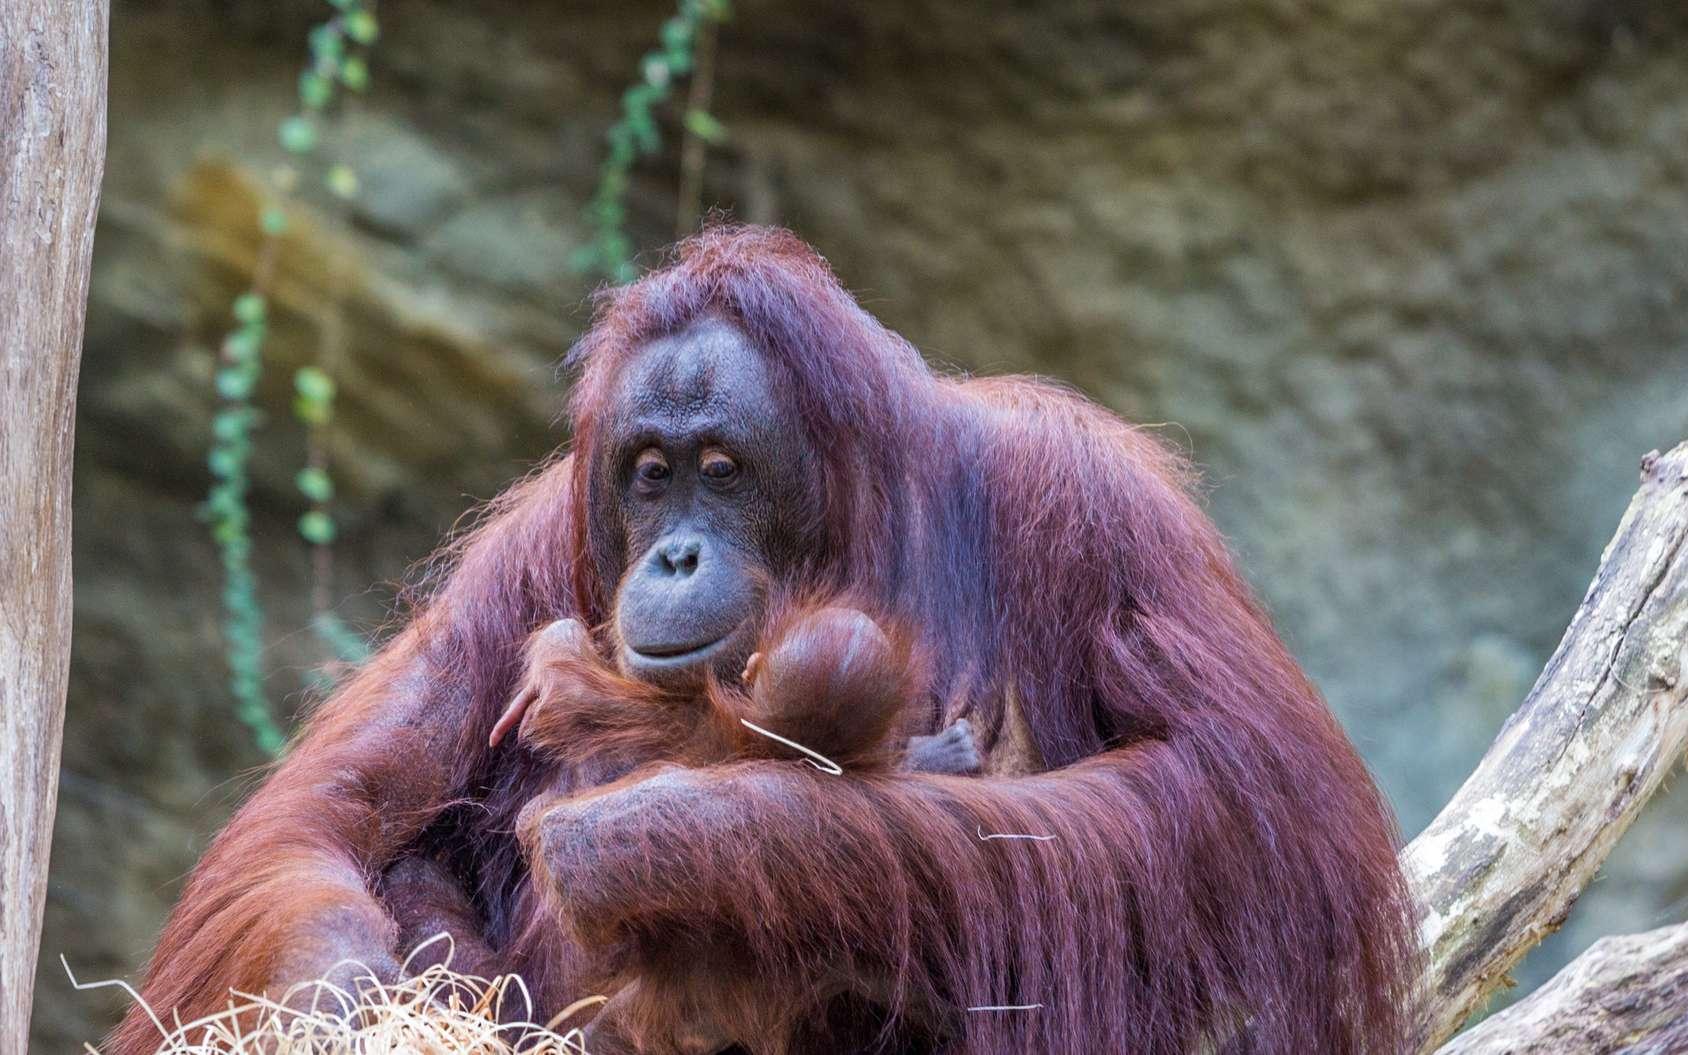 En raison de la déforestation et aussi du braconnage, les orangs-outans sont menacés d'extinction. © Angelika Bentin, Fotolia